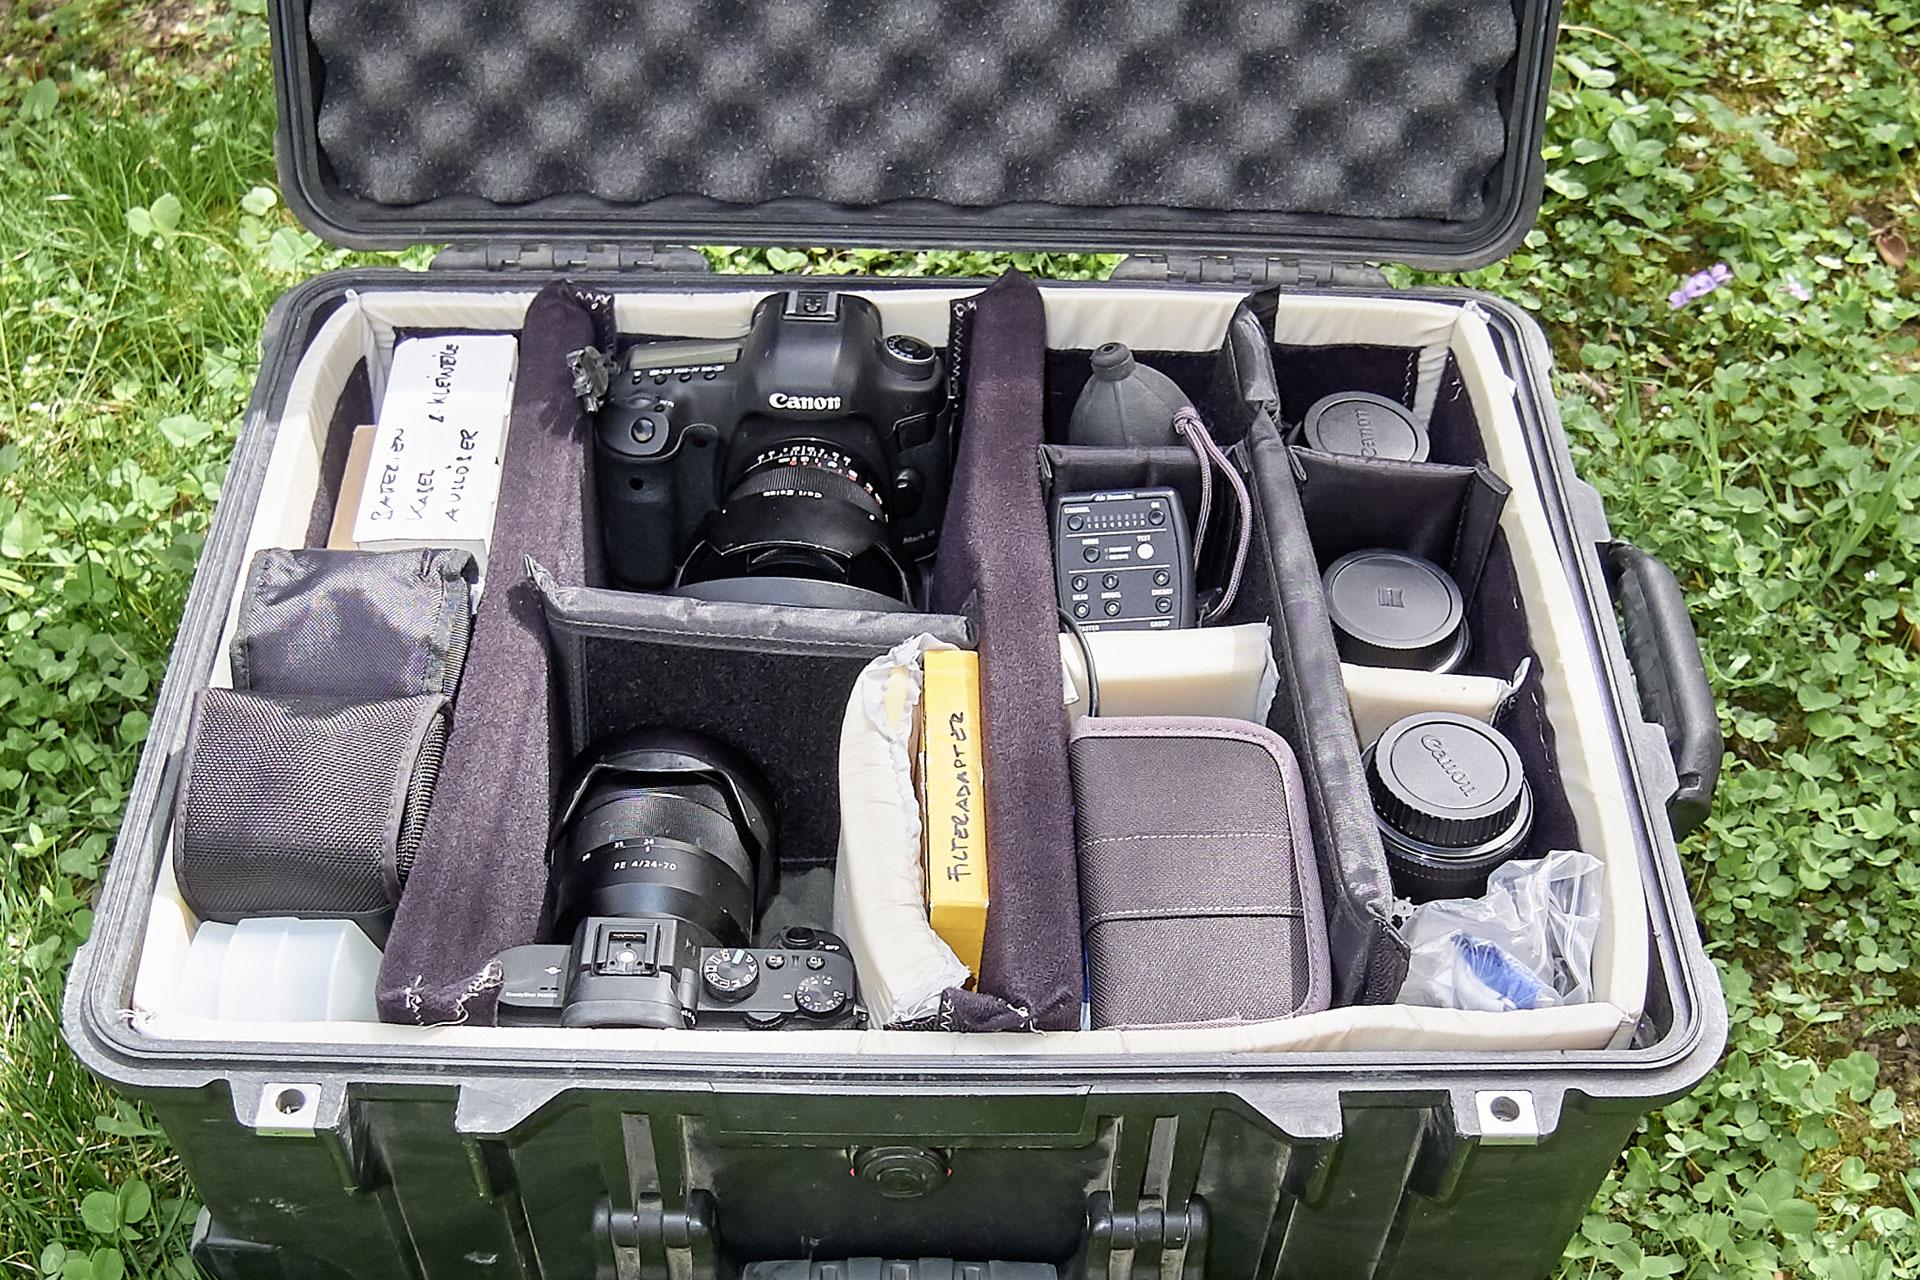 Equipment in Pelibox